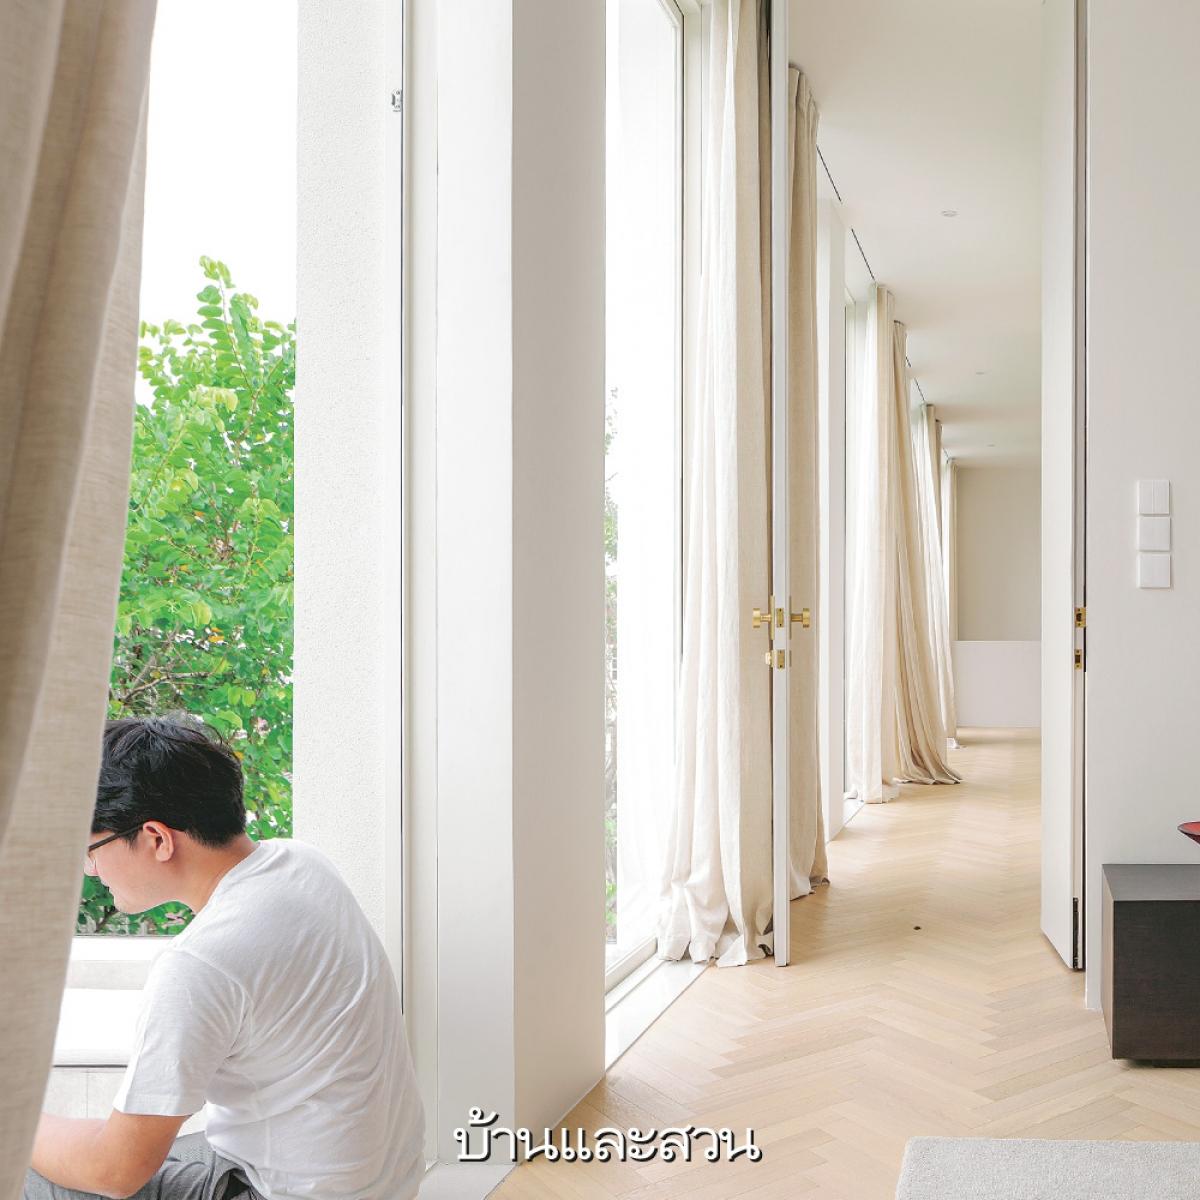 Bức tường với những cửa sổ cao lớn giúp ngôi nhà luôn được thông thoáng, đặc biệt đó cũng là nơi đón ánh sáng tràn ngập vào không gian.